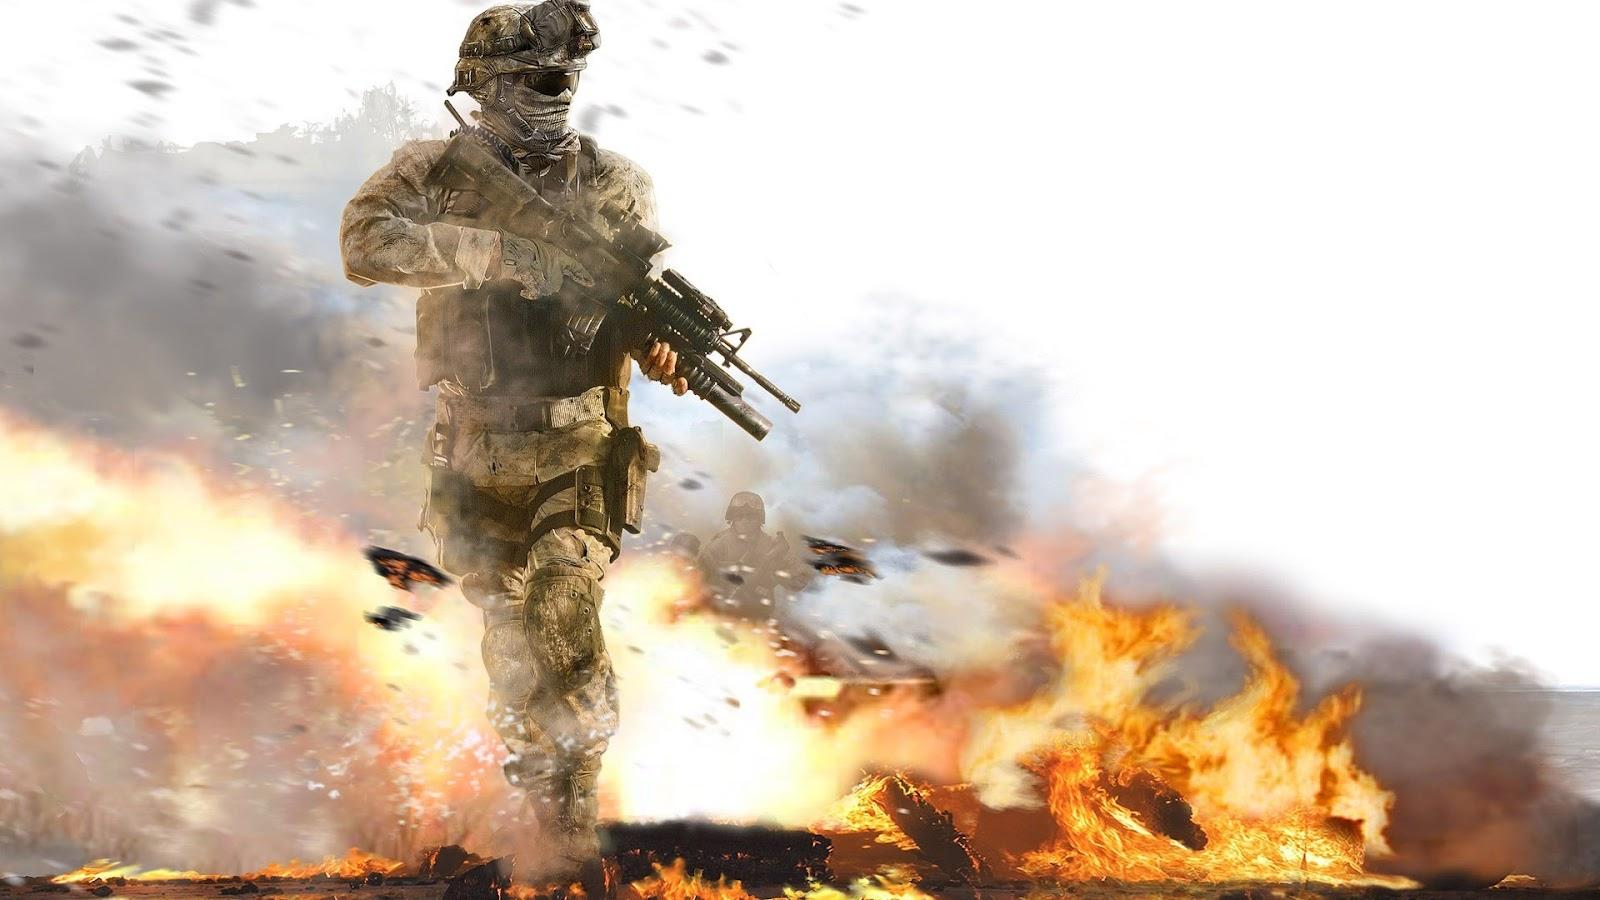 Soldat de Call Of Duty : Modern Warfare 2